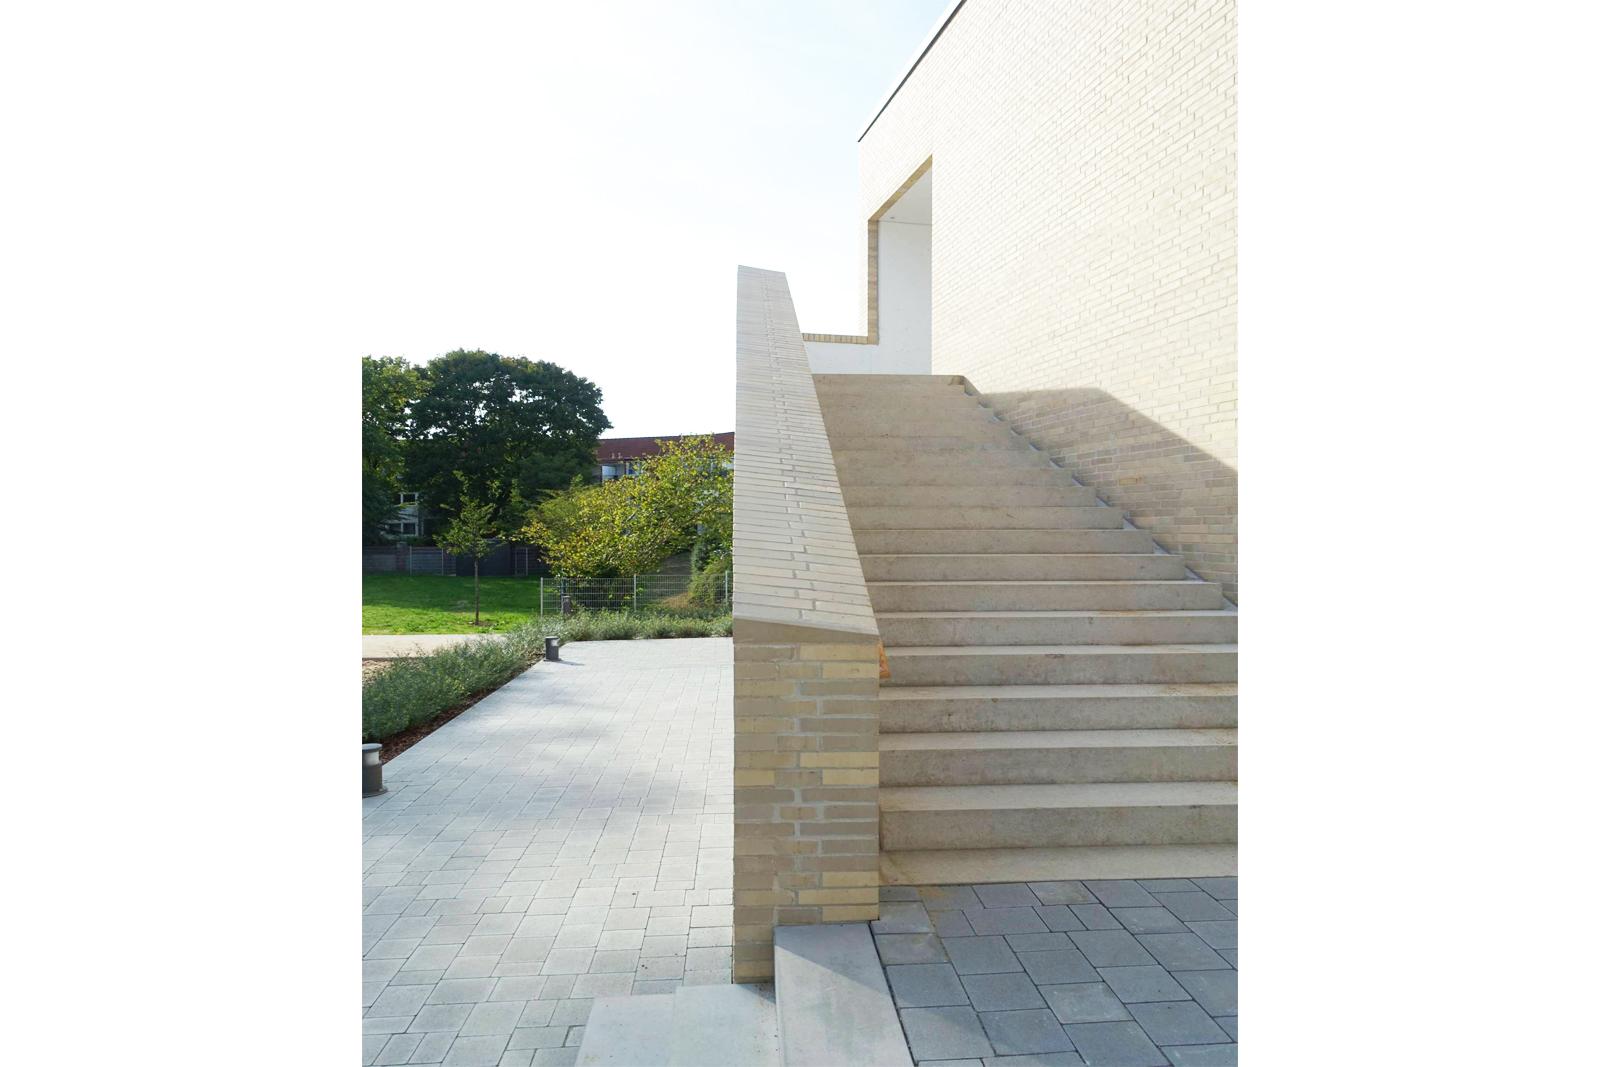 kita-hemelingen-bremen-aussenanlagen-armbruster-gruenanlage-landschaftsarchitektur-treppenanlagen